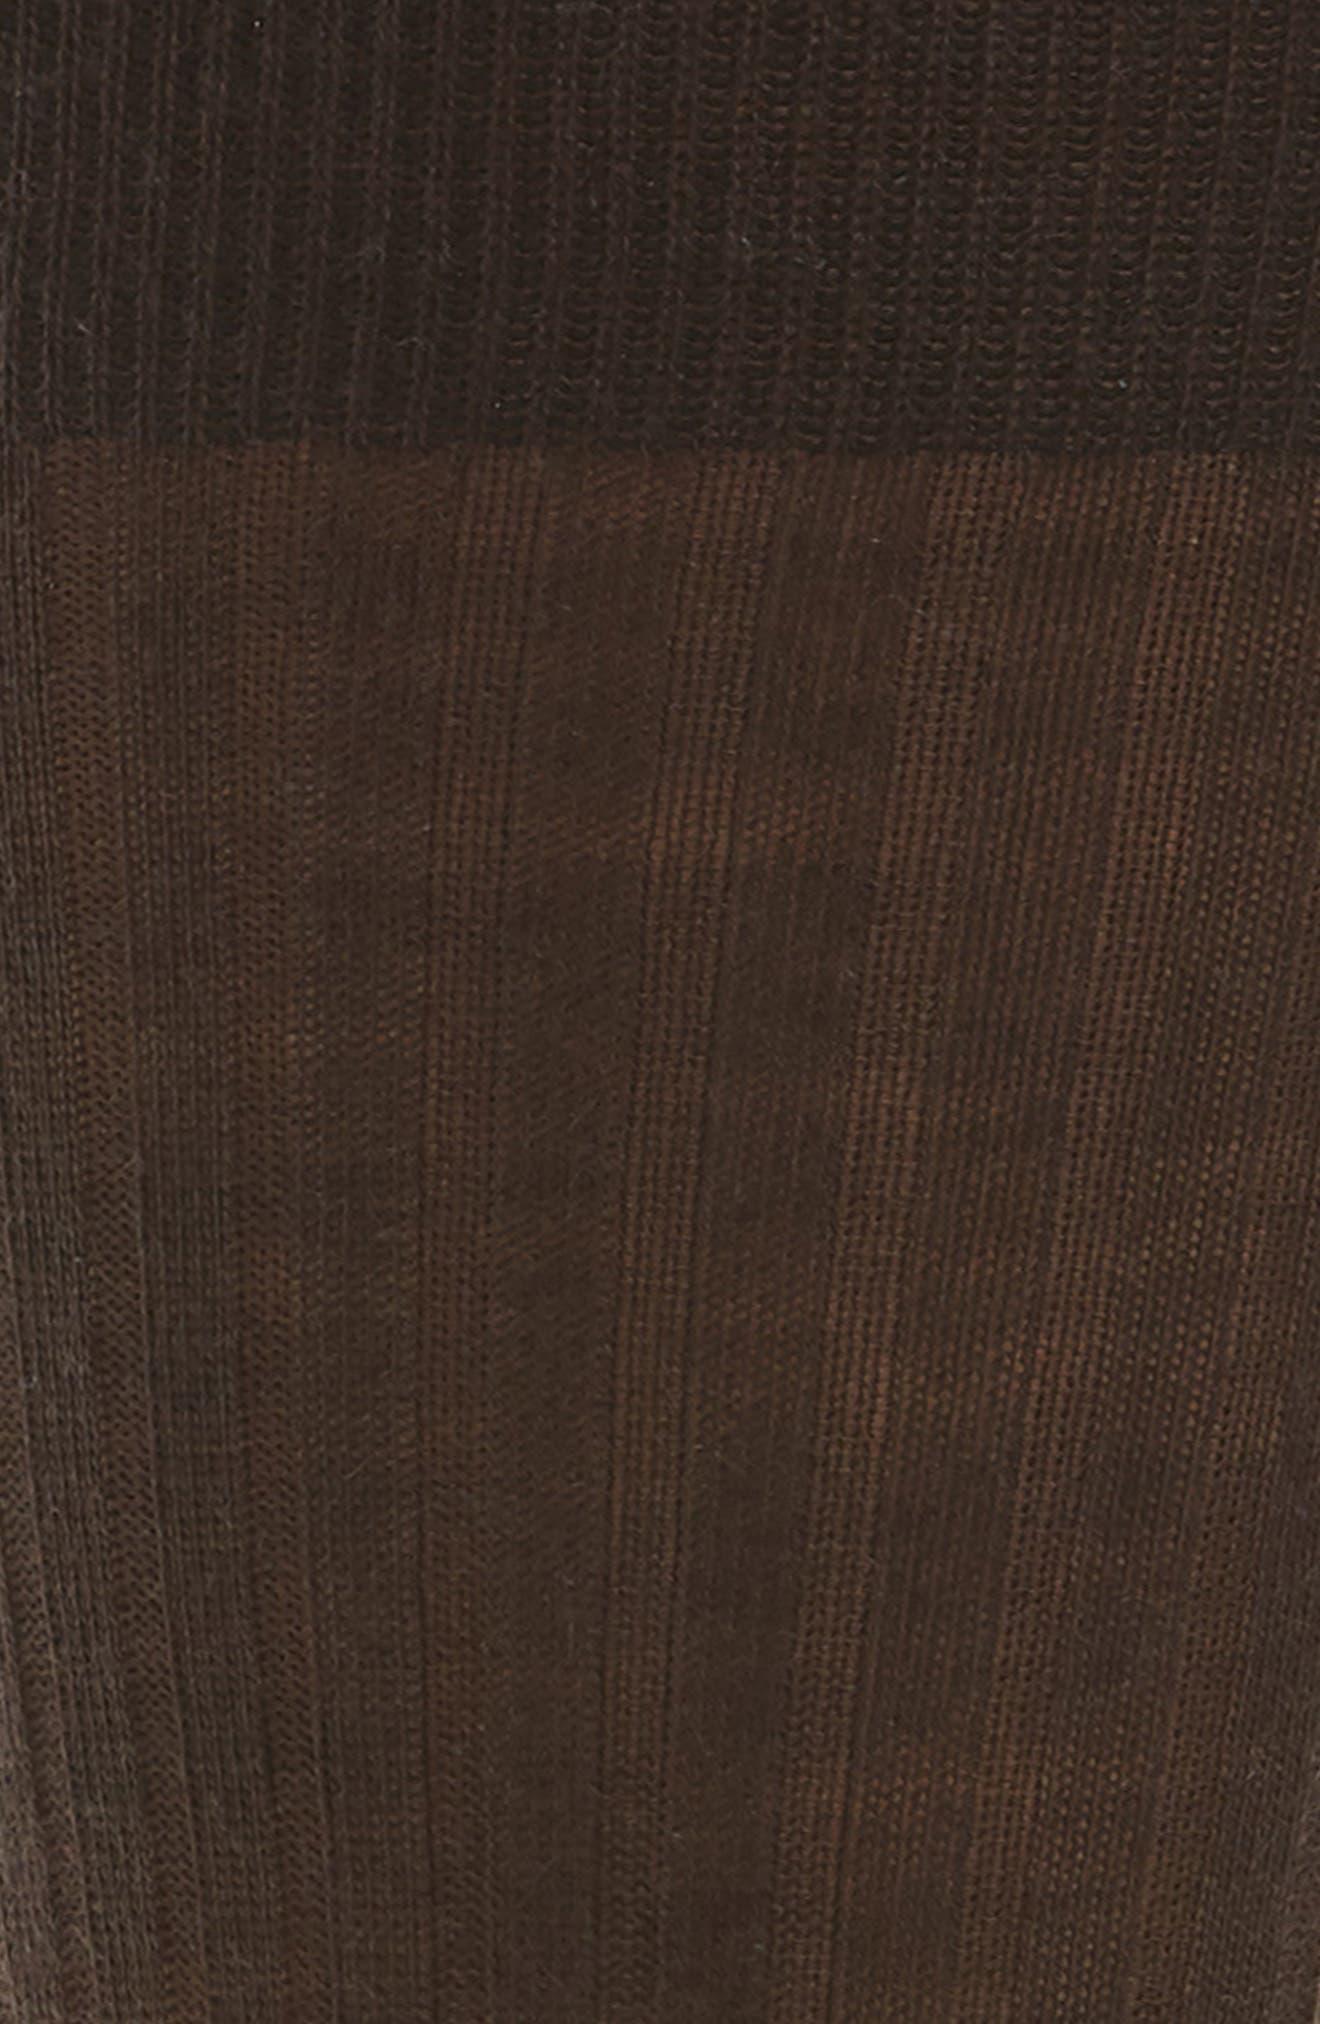 Ribbed Merino Wool Socks,                             Alternate thumbnail 2, color,                             BROWN DEMITASSE